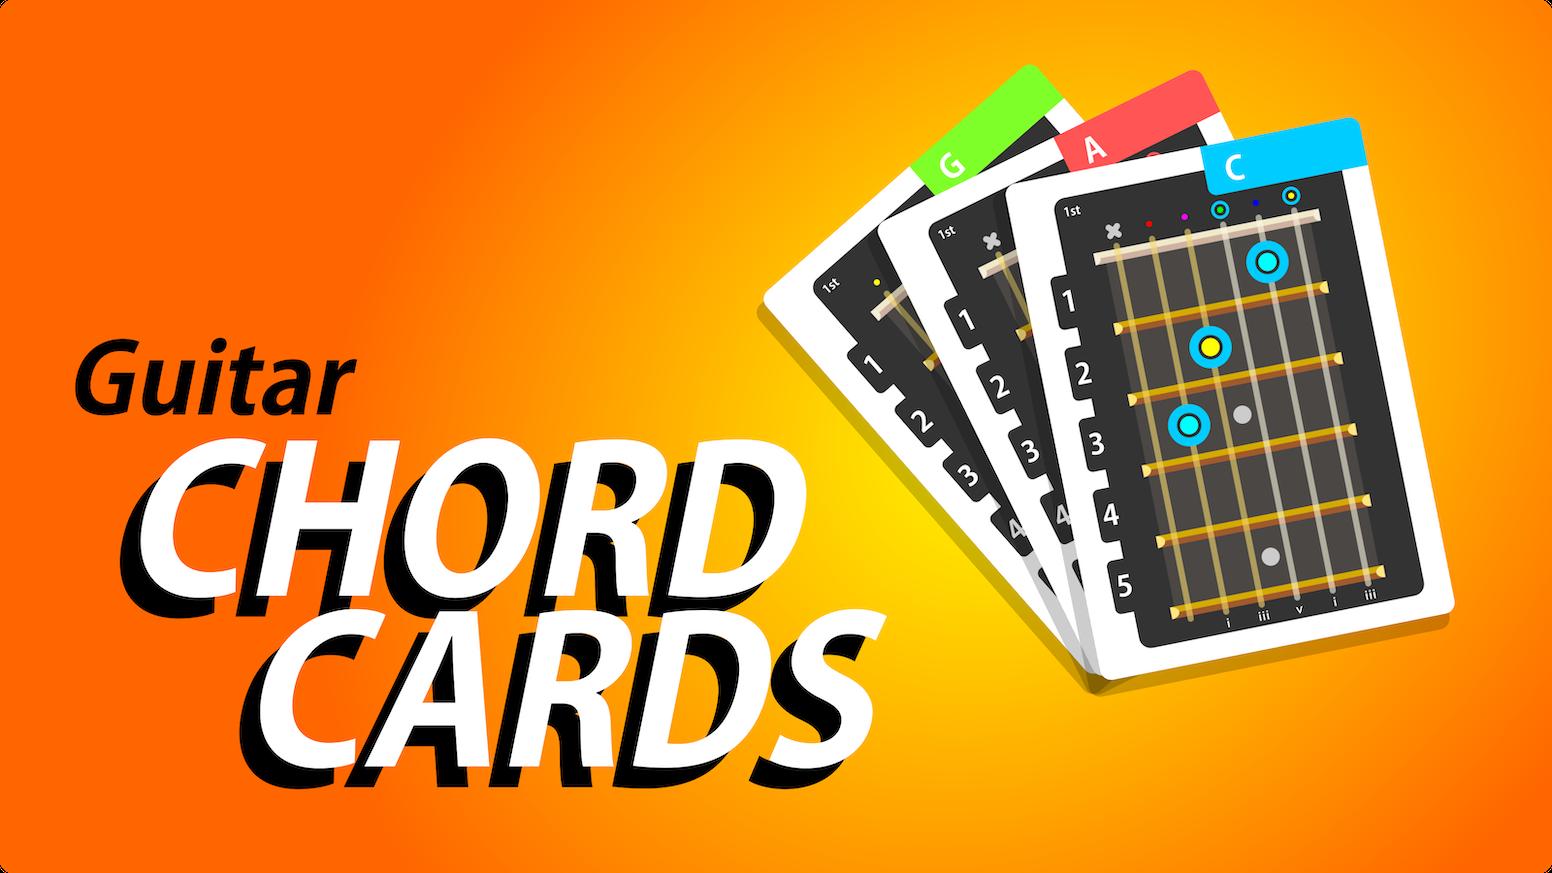 Chord Cards By Carter Scott Kickstarter